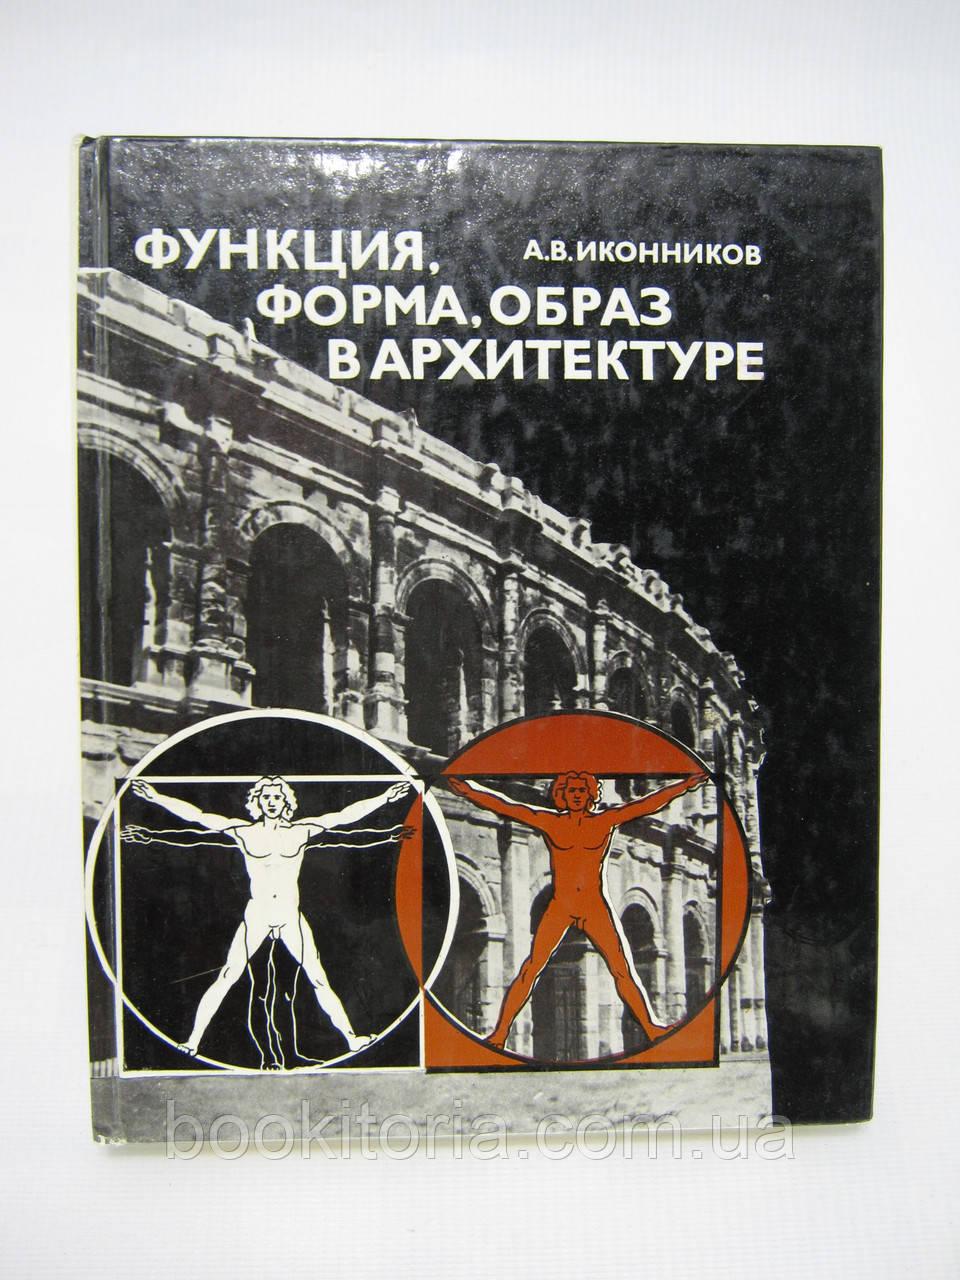 Иконников А.В. Функция, форма, образ в архитектуре (б/у).